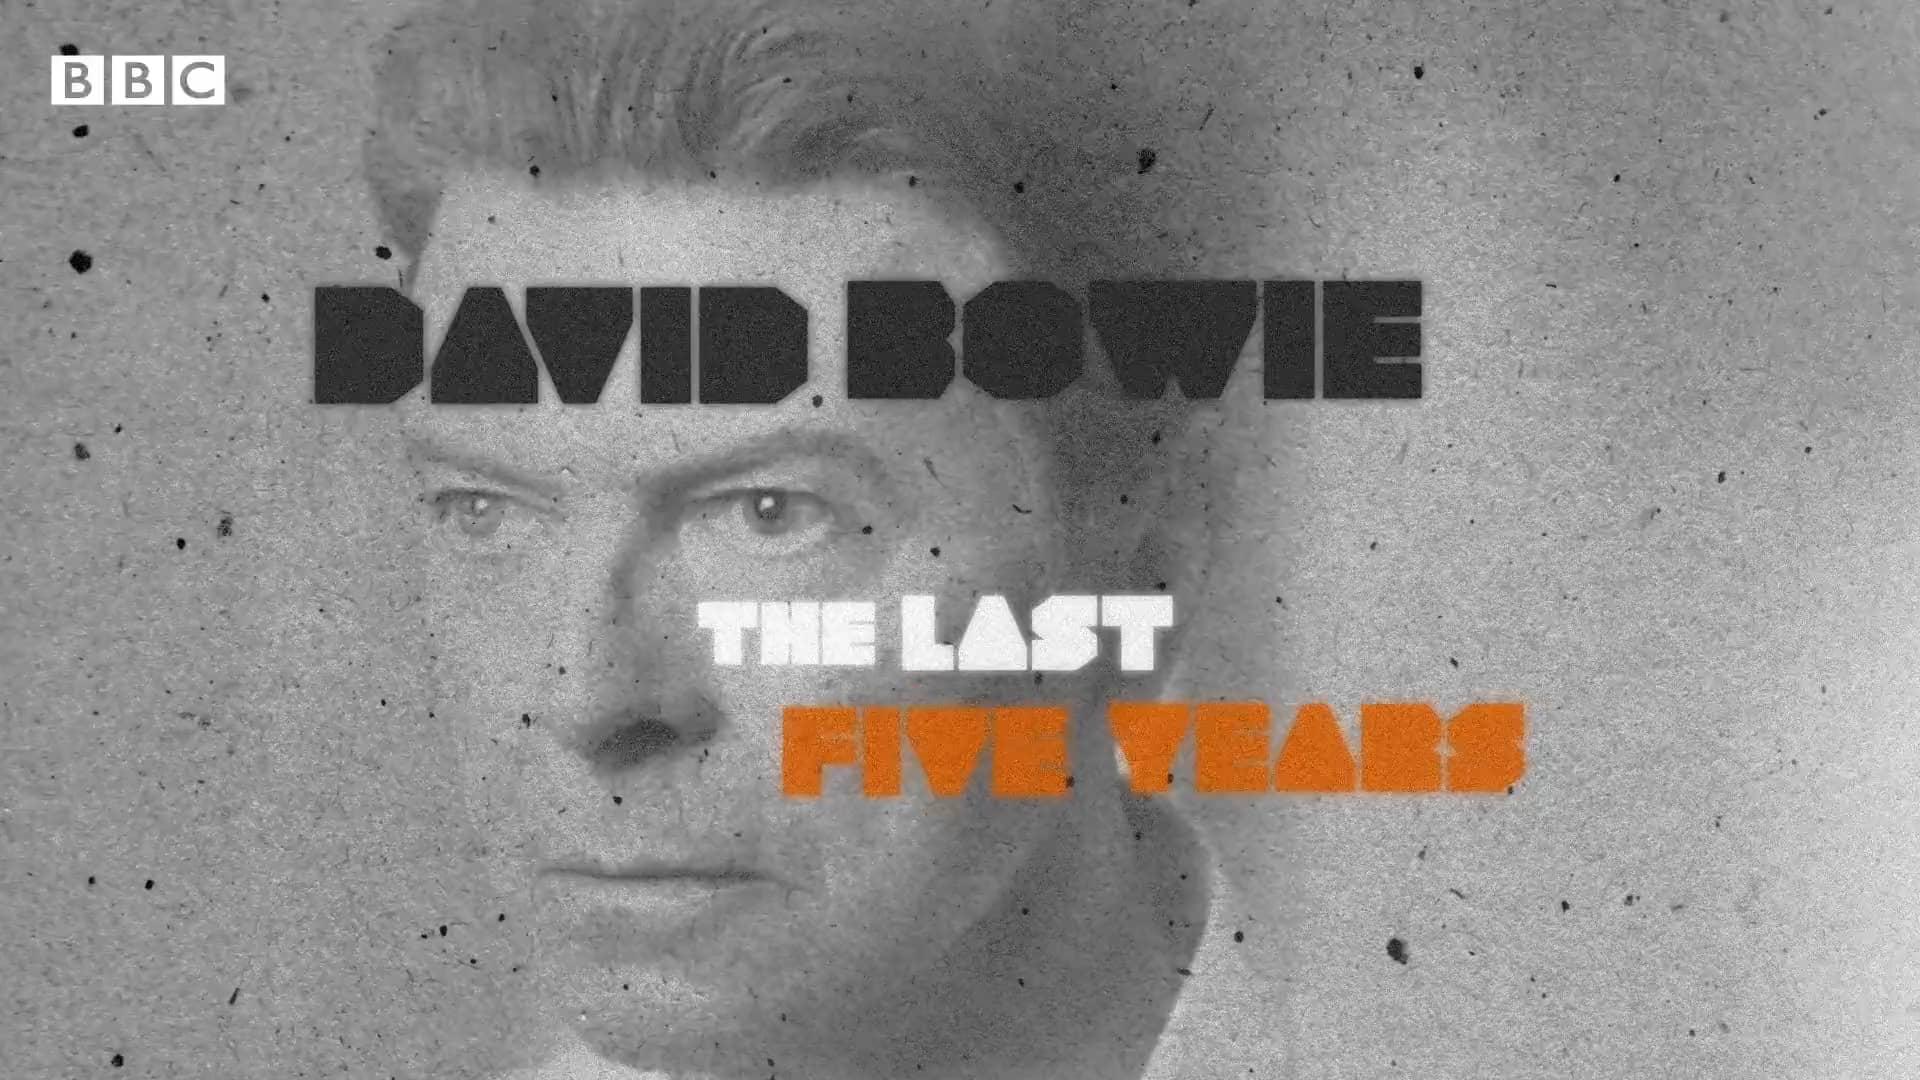 مستند دیوید بووی، آخرین پنج سال